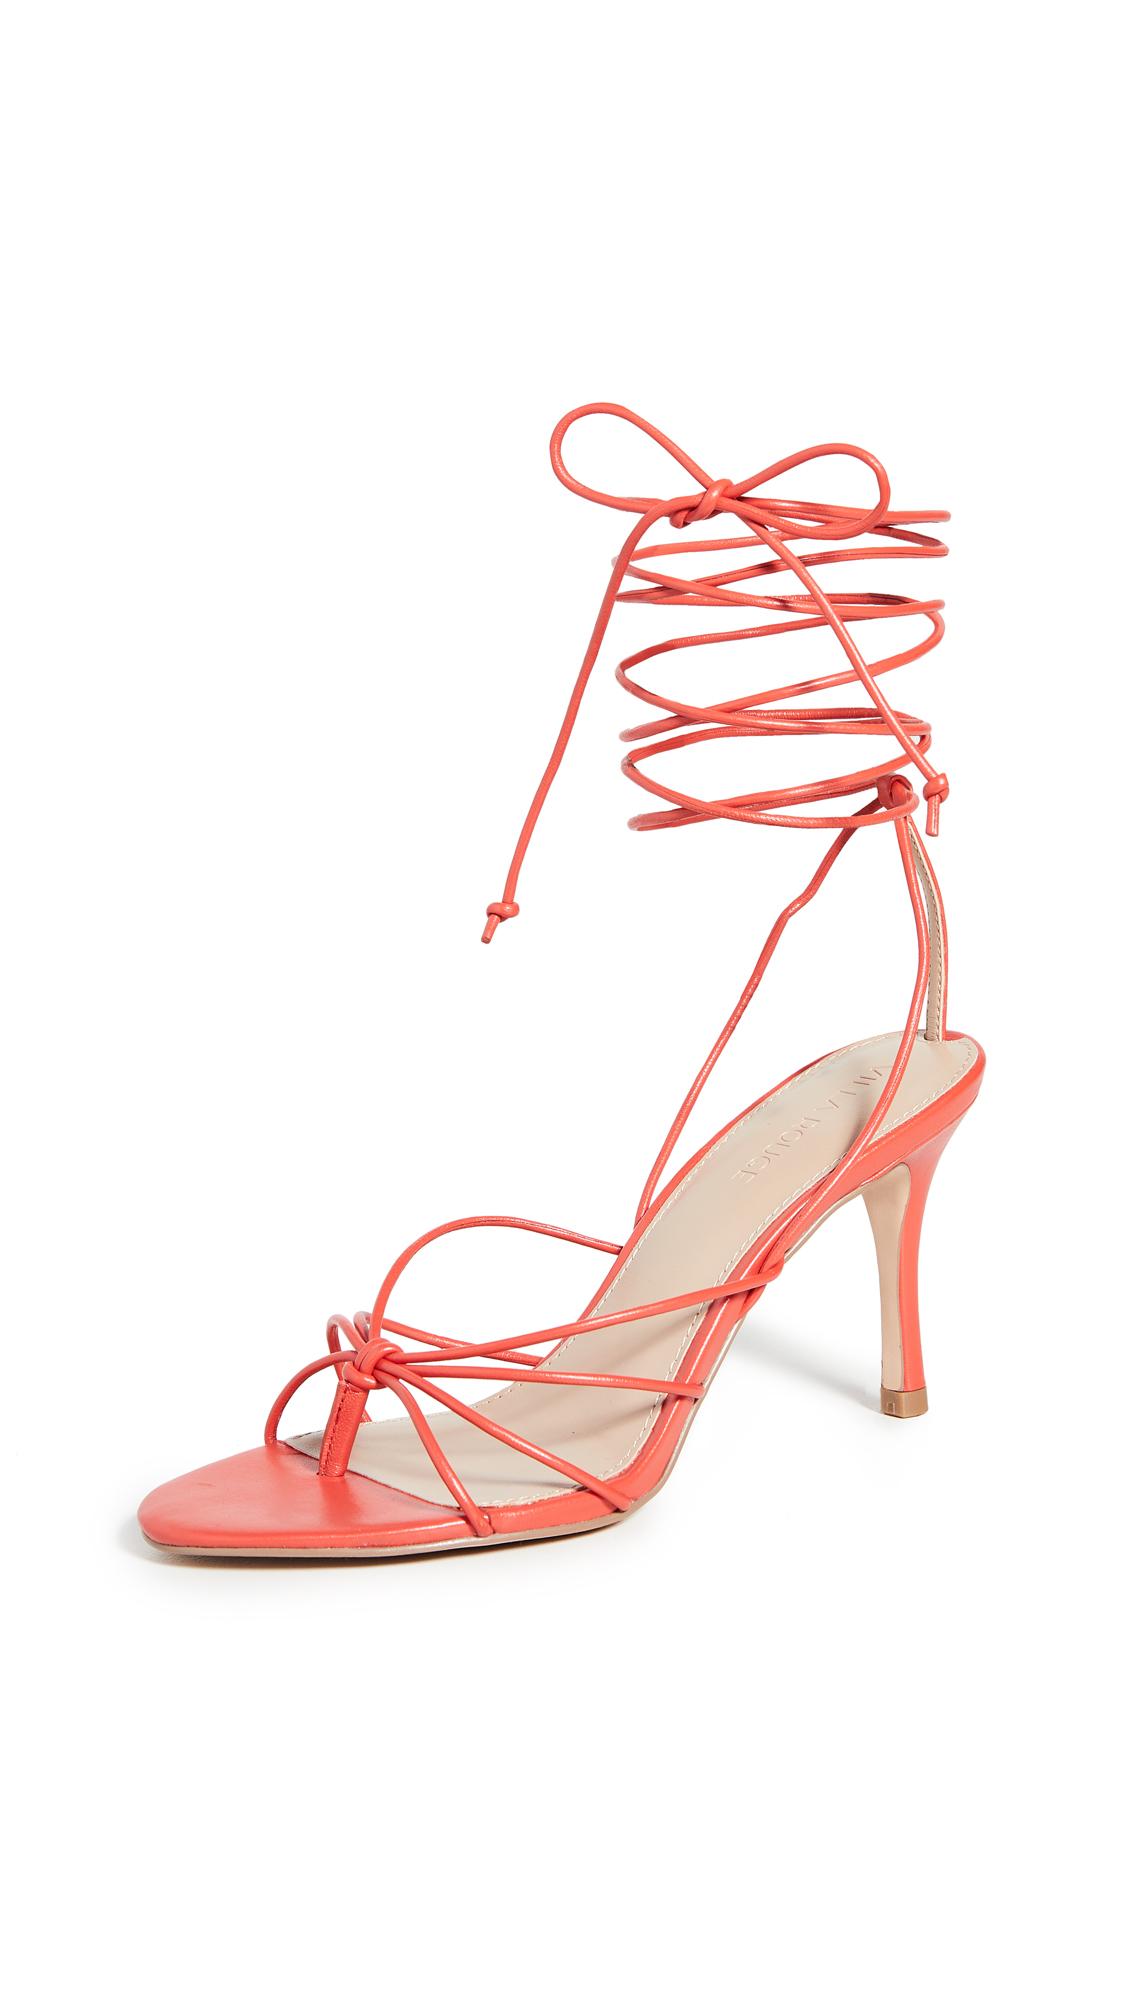 Buy Villa Rouge Aries Sandals online, shop Villa Rouge